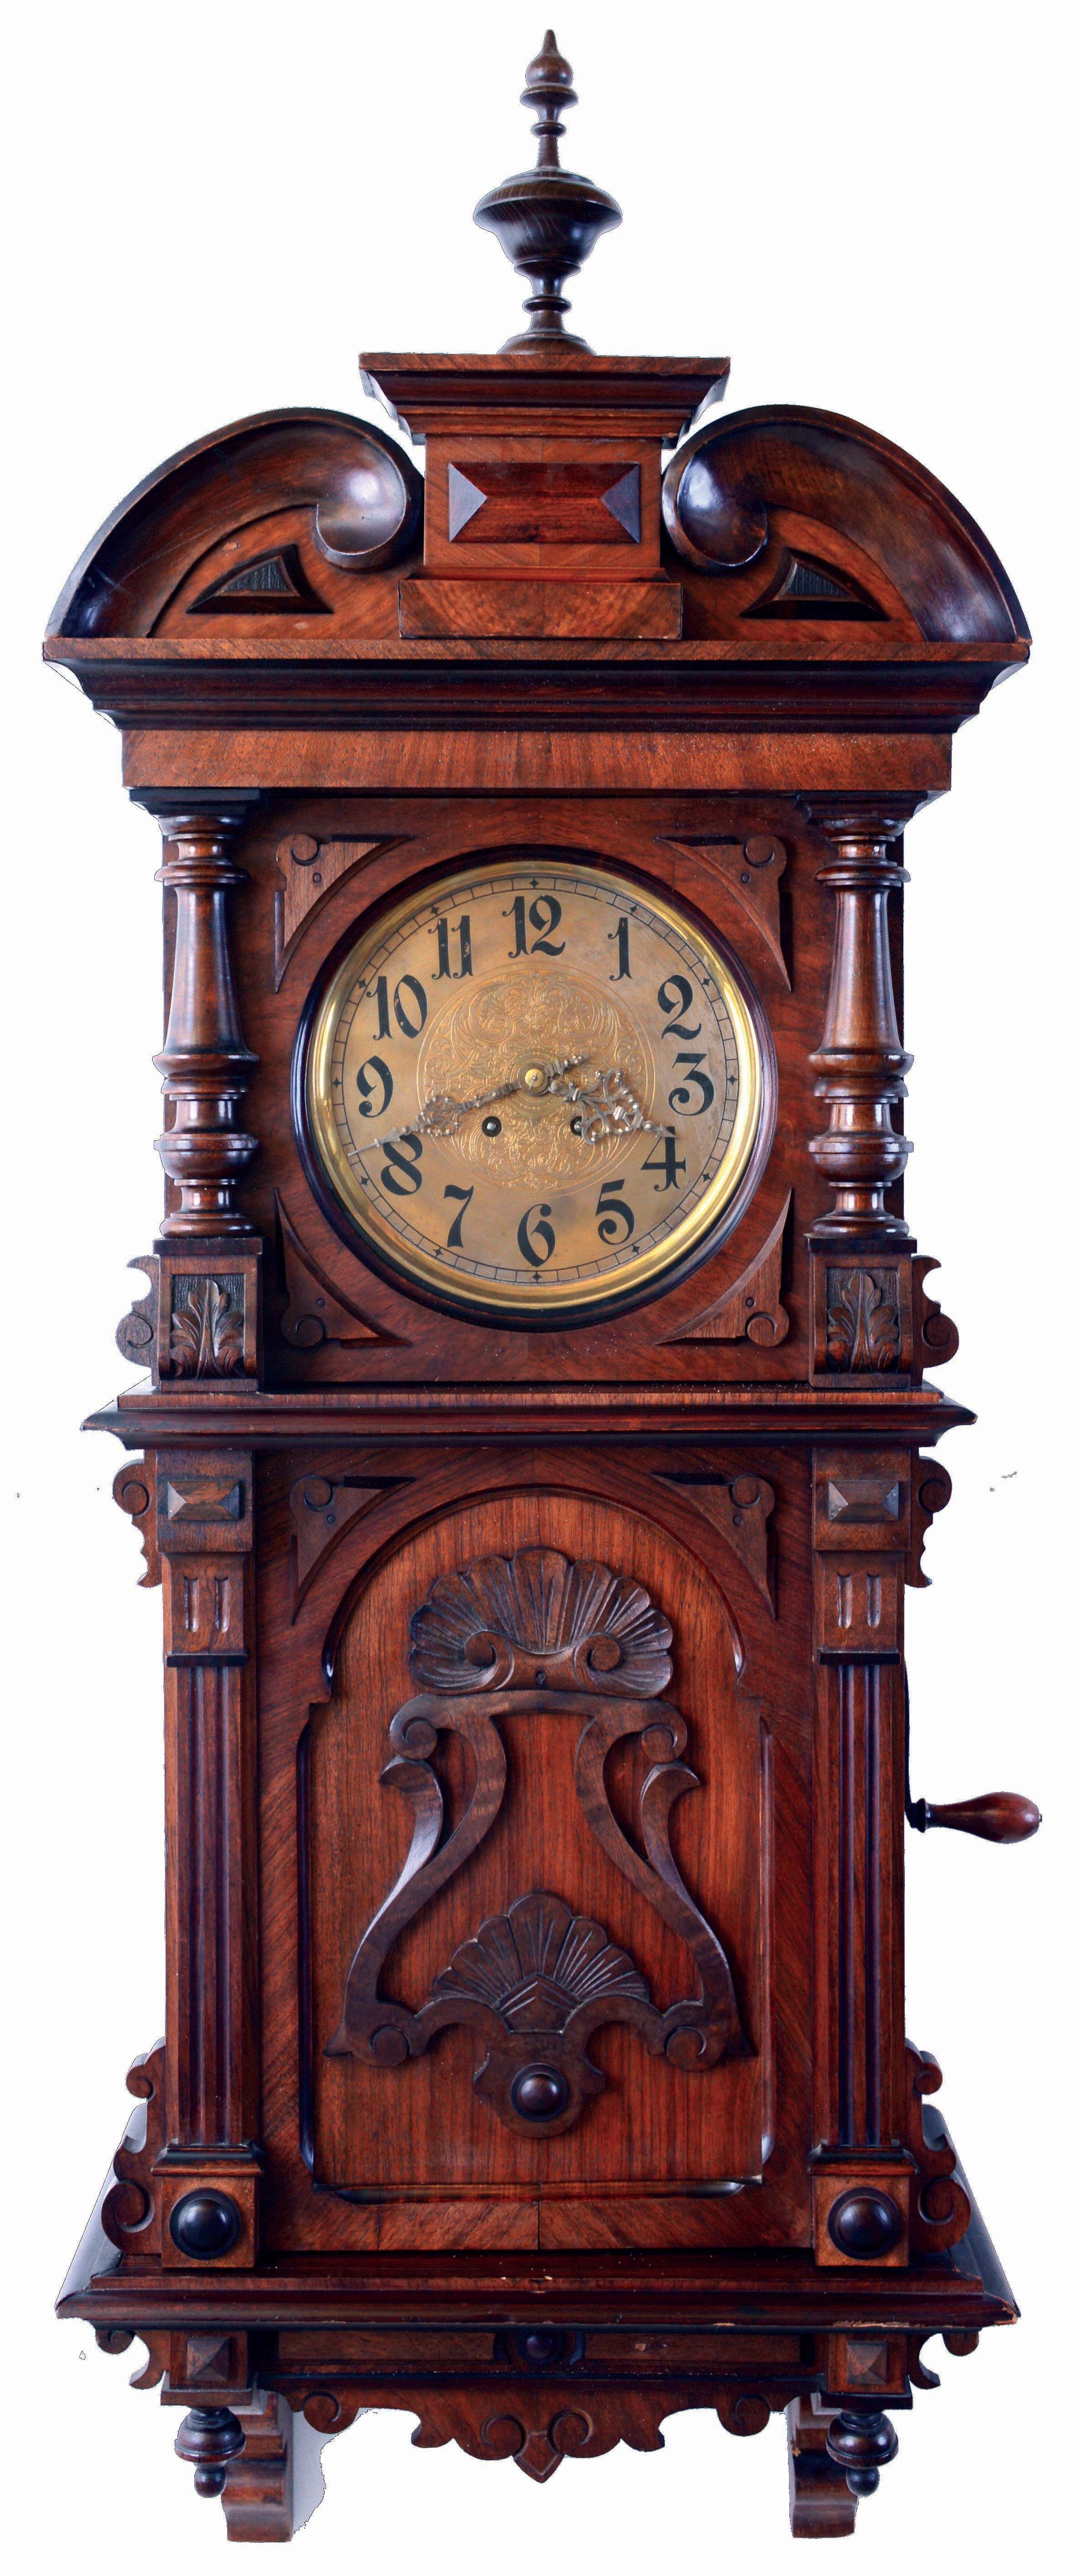 pin von lenzkirchfan auf lenzkirch clocks | pinterest | balkon und